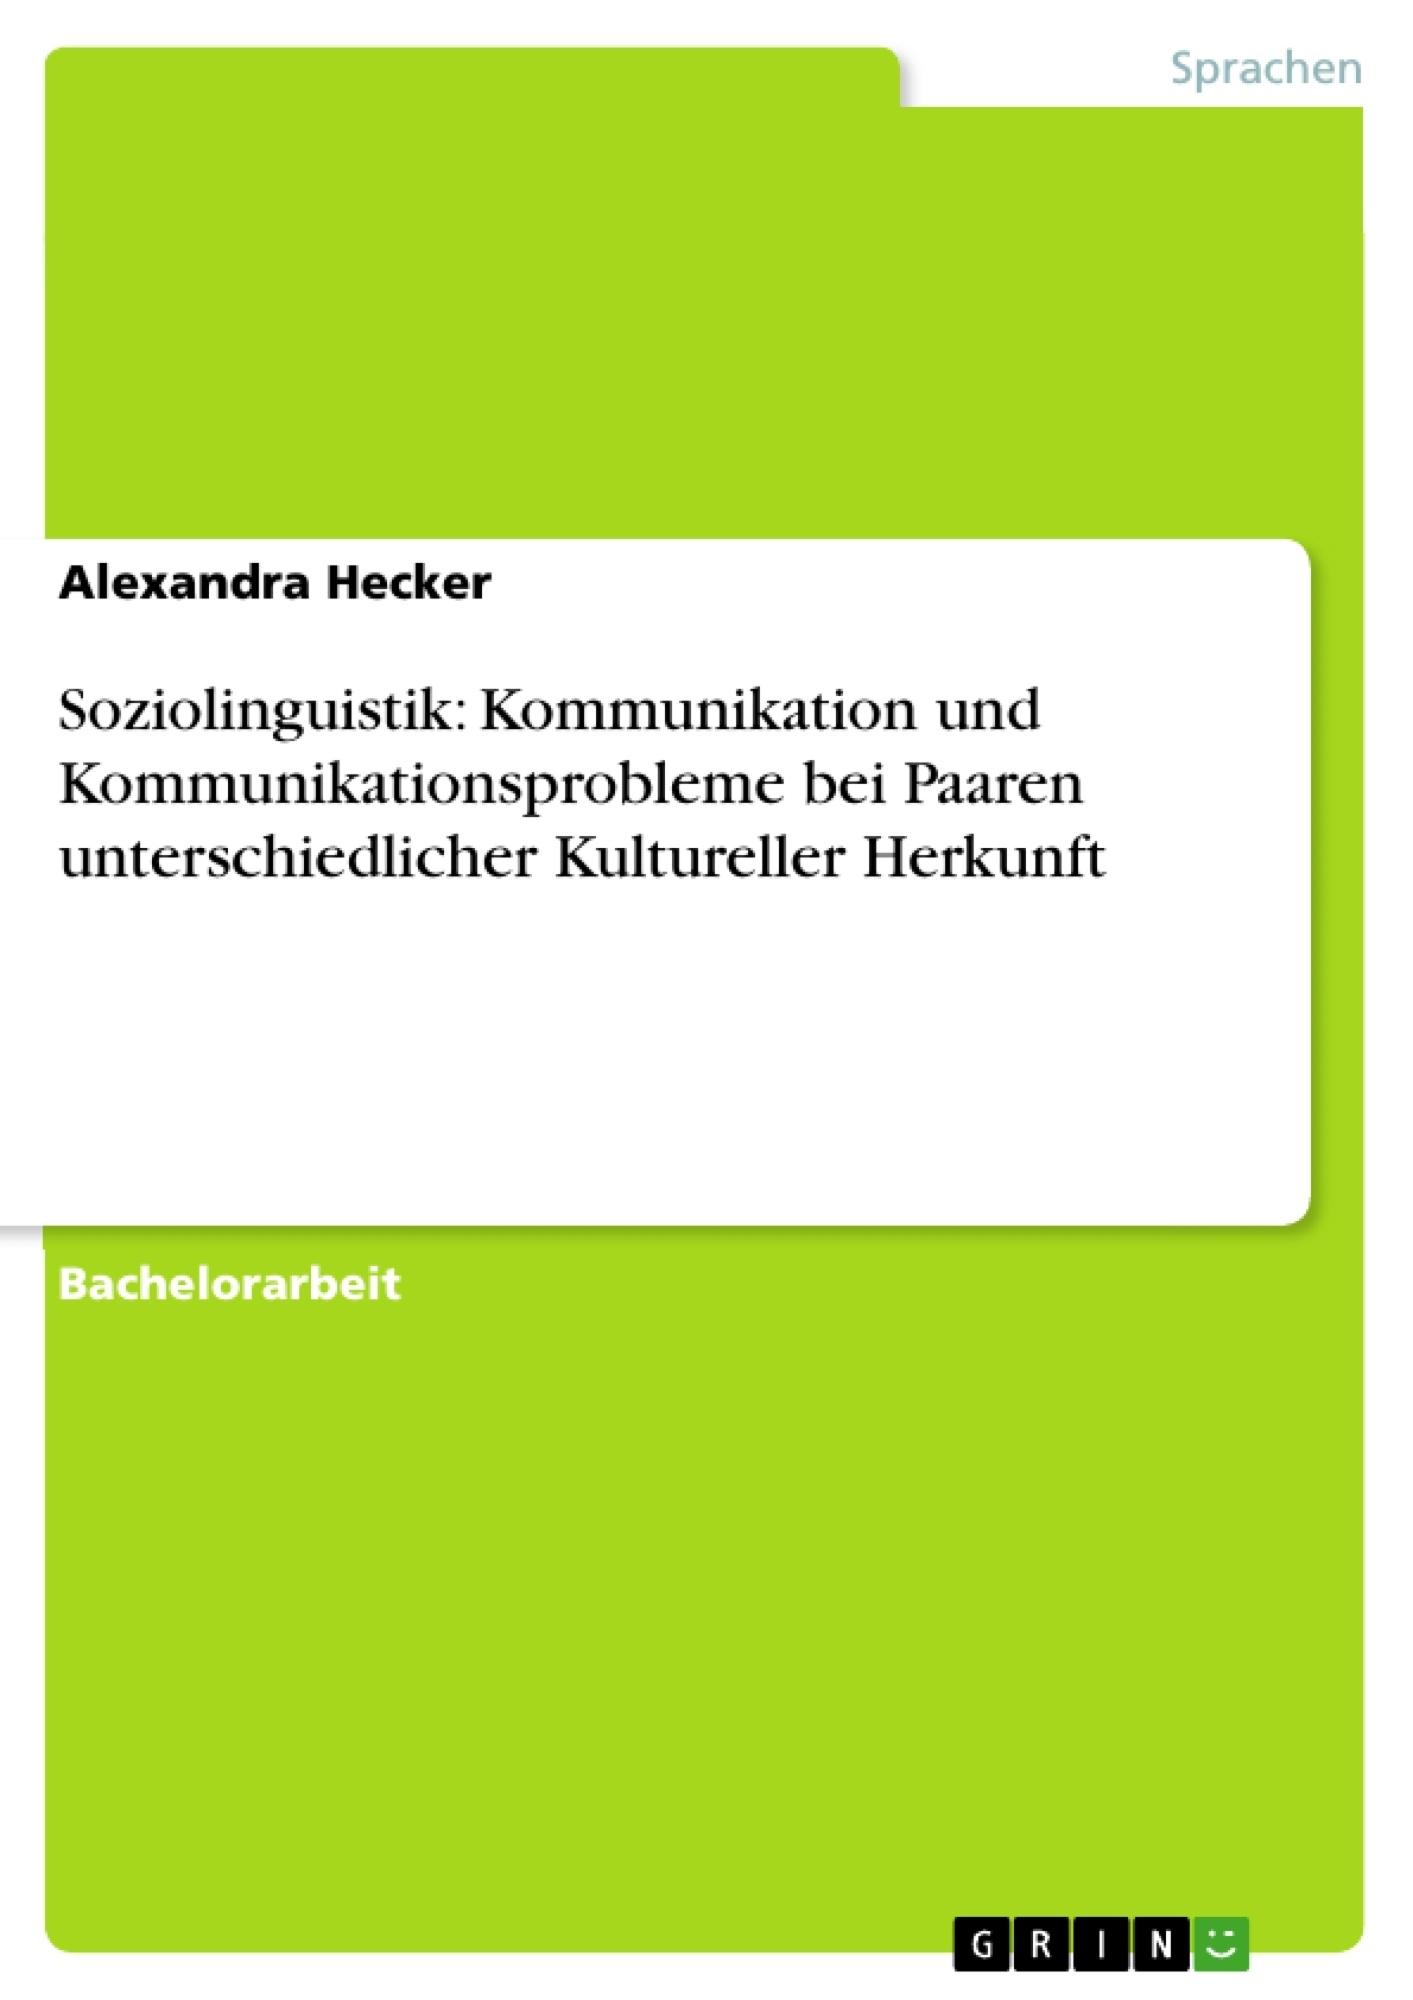 Titel: Soziolinguistik: Kommunikation und Kommunikationsprobleme bei Paaren unterschiedlicher Kultureller Herkunft